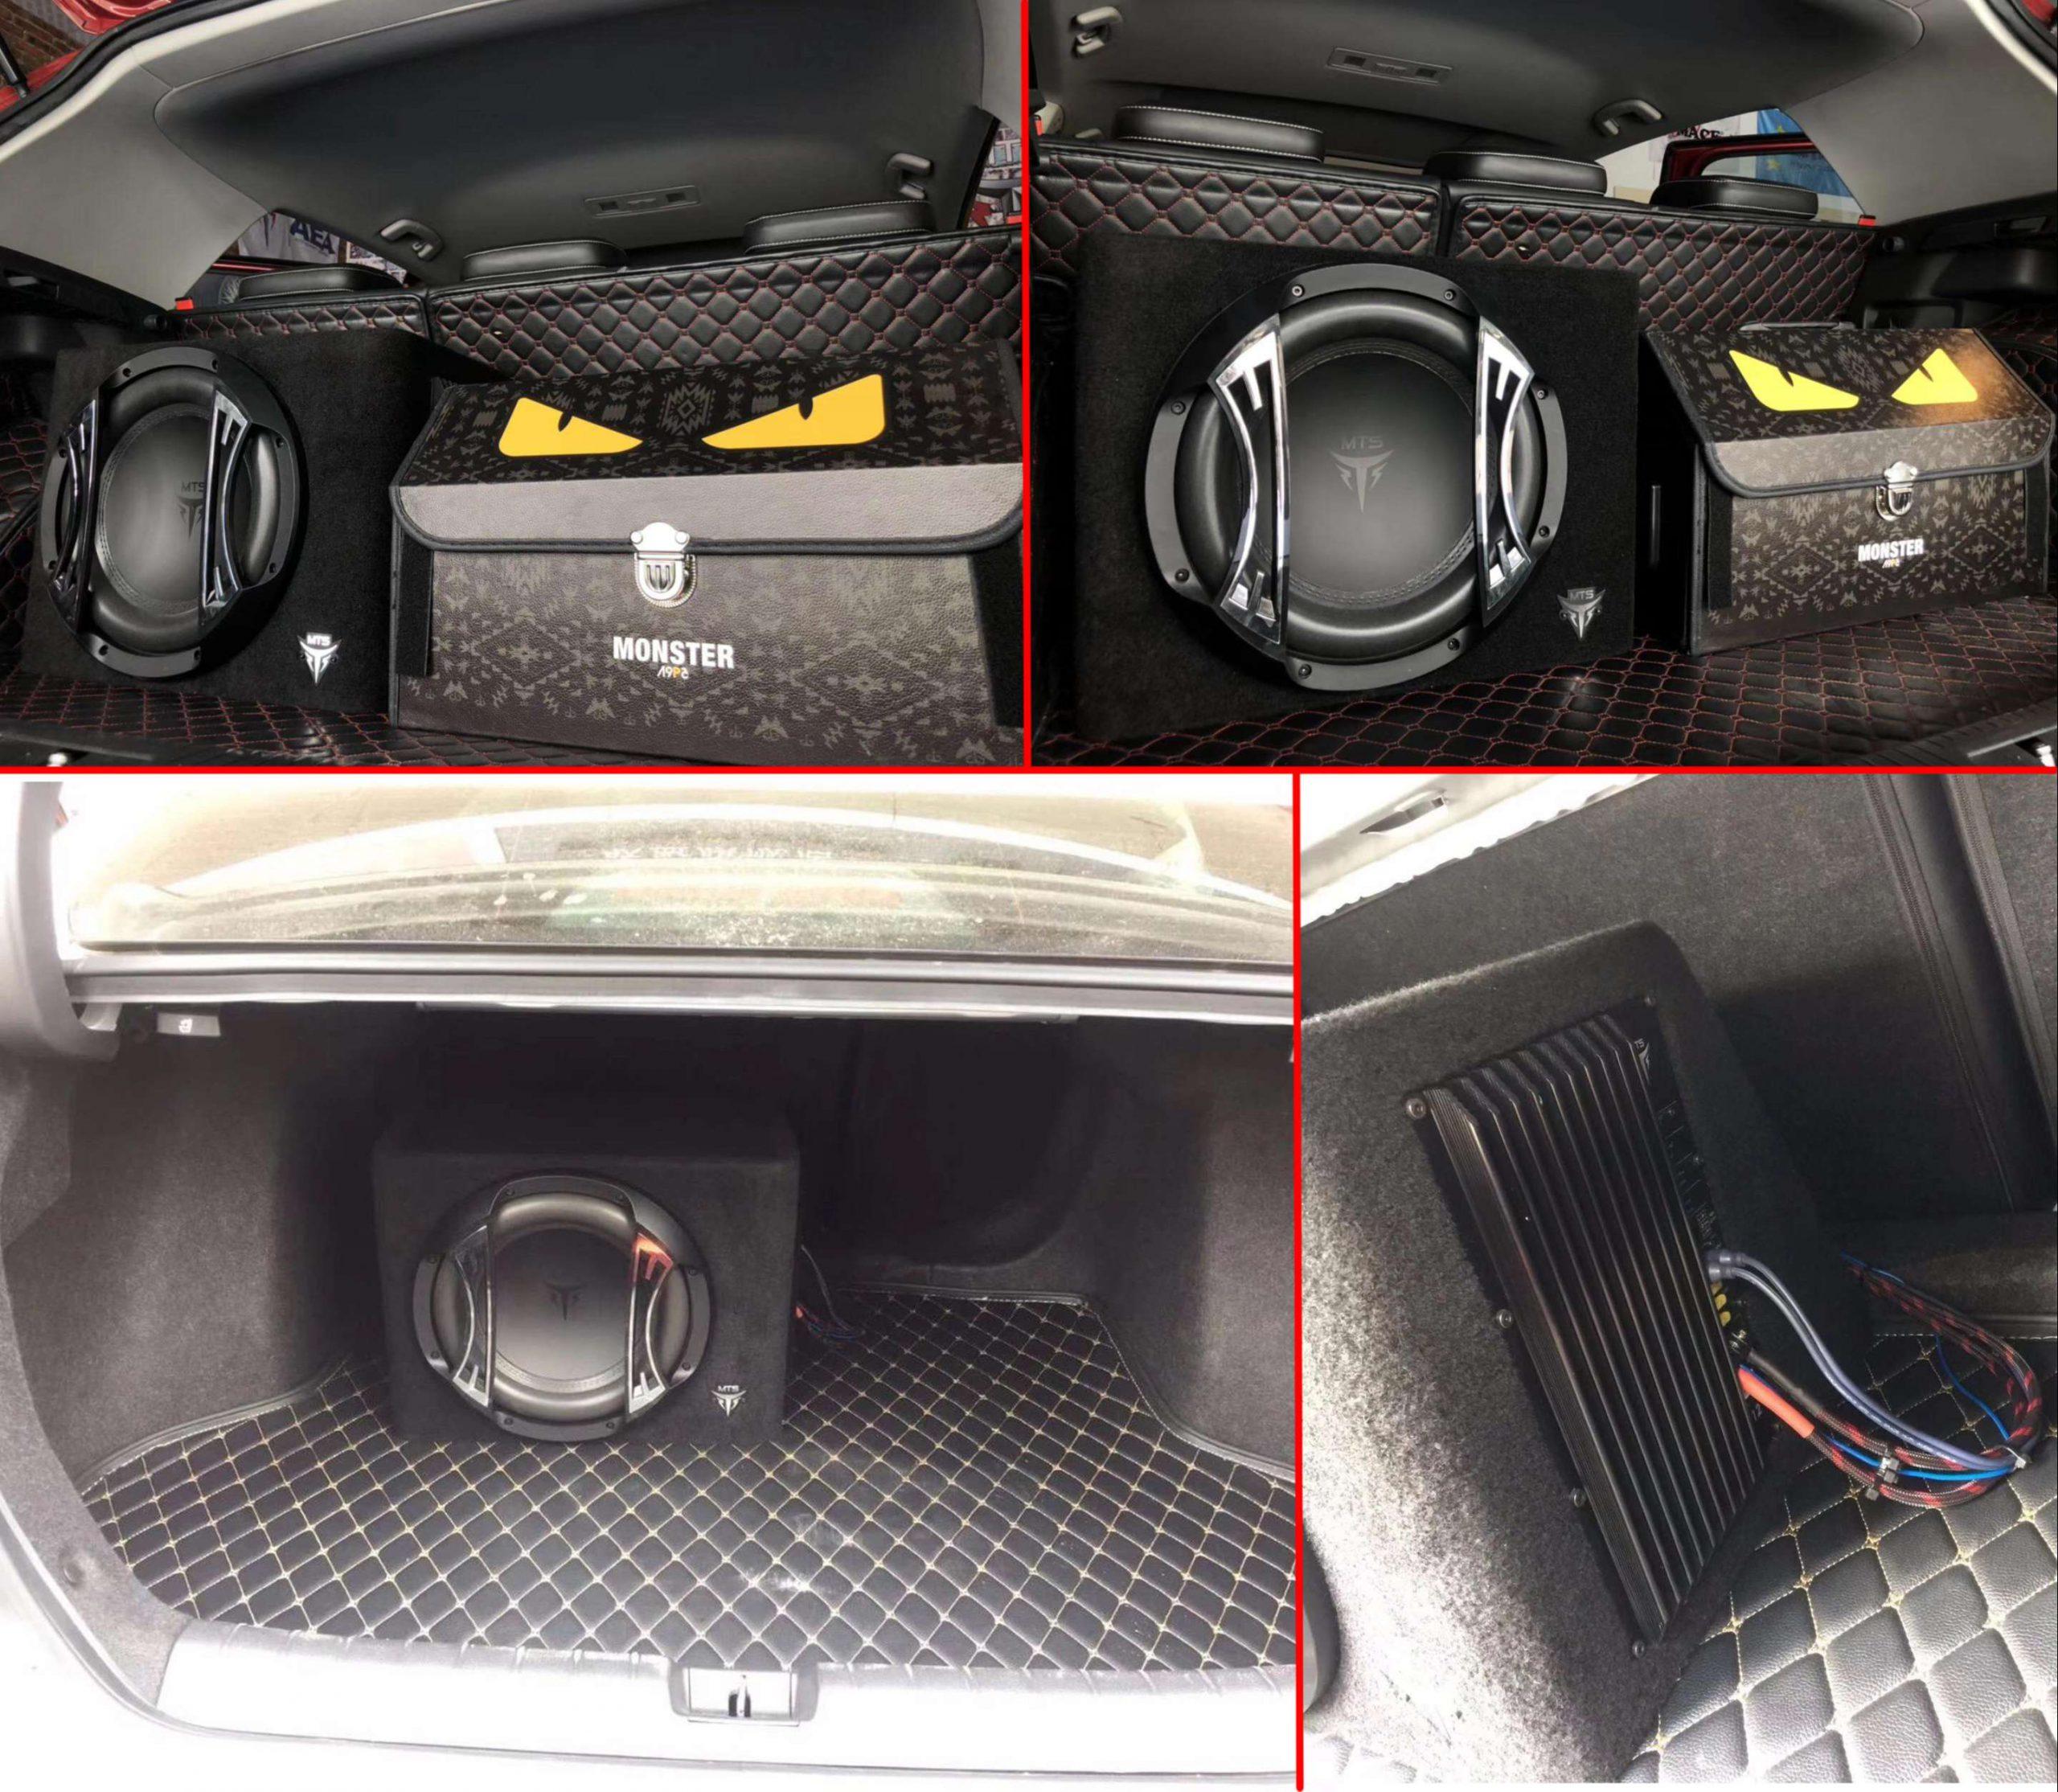 Loa Sub hơi được lắp vào cốp xe hơi